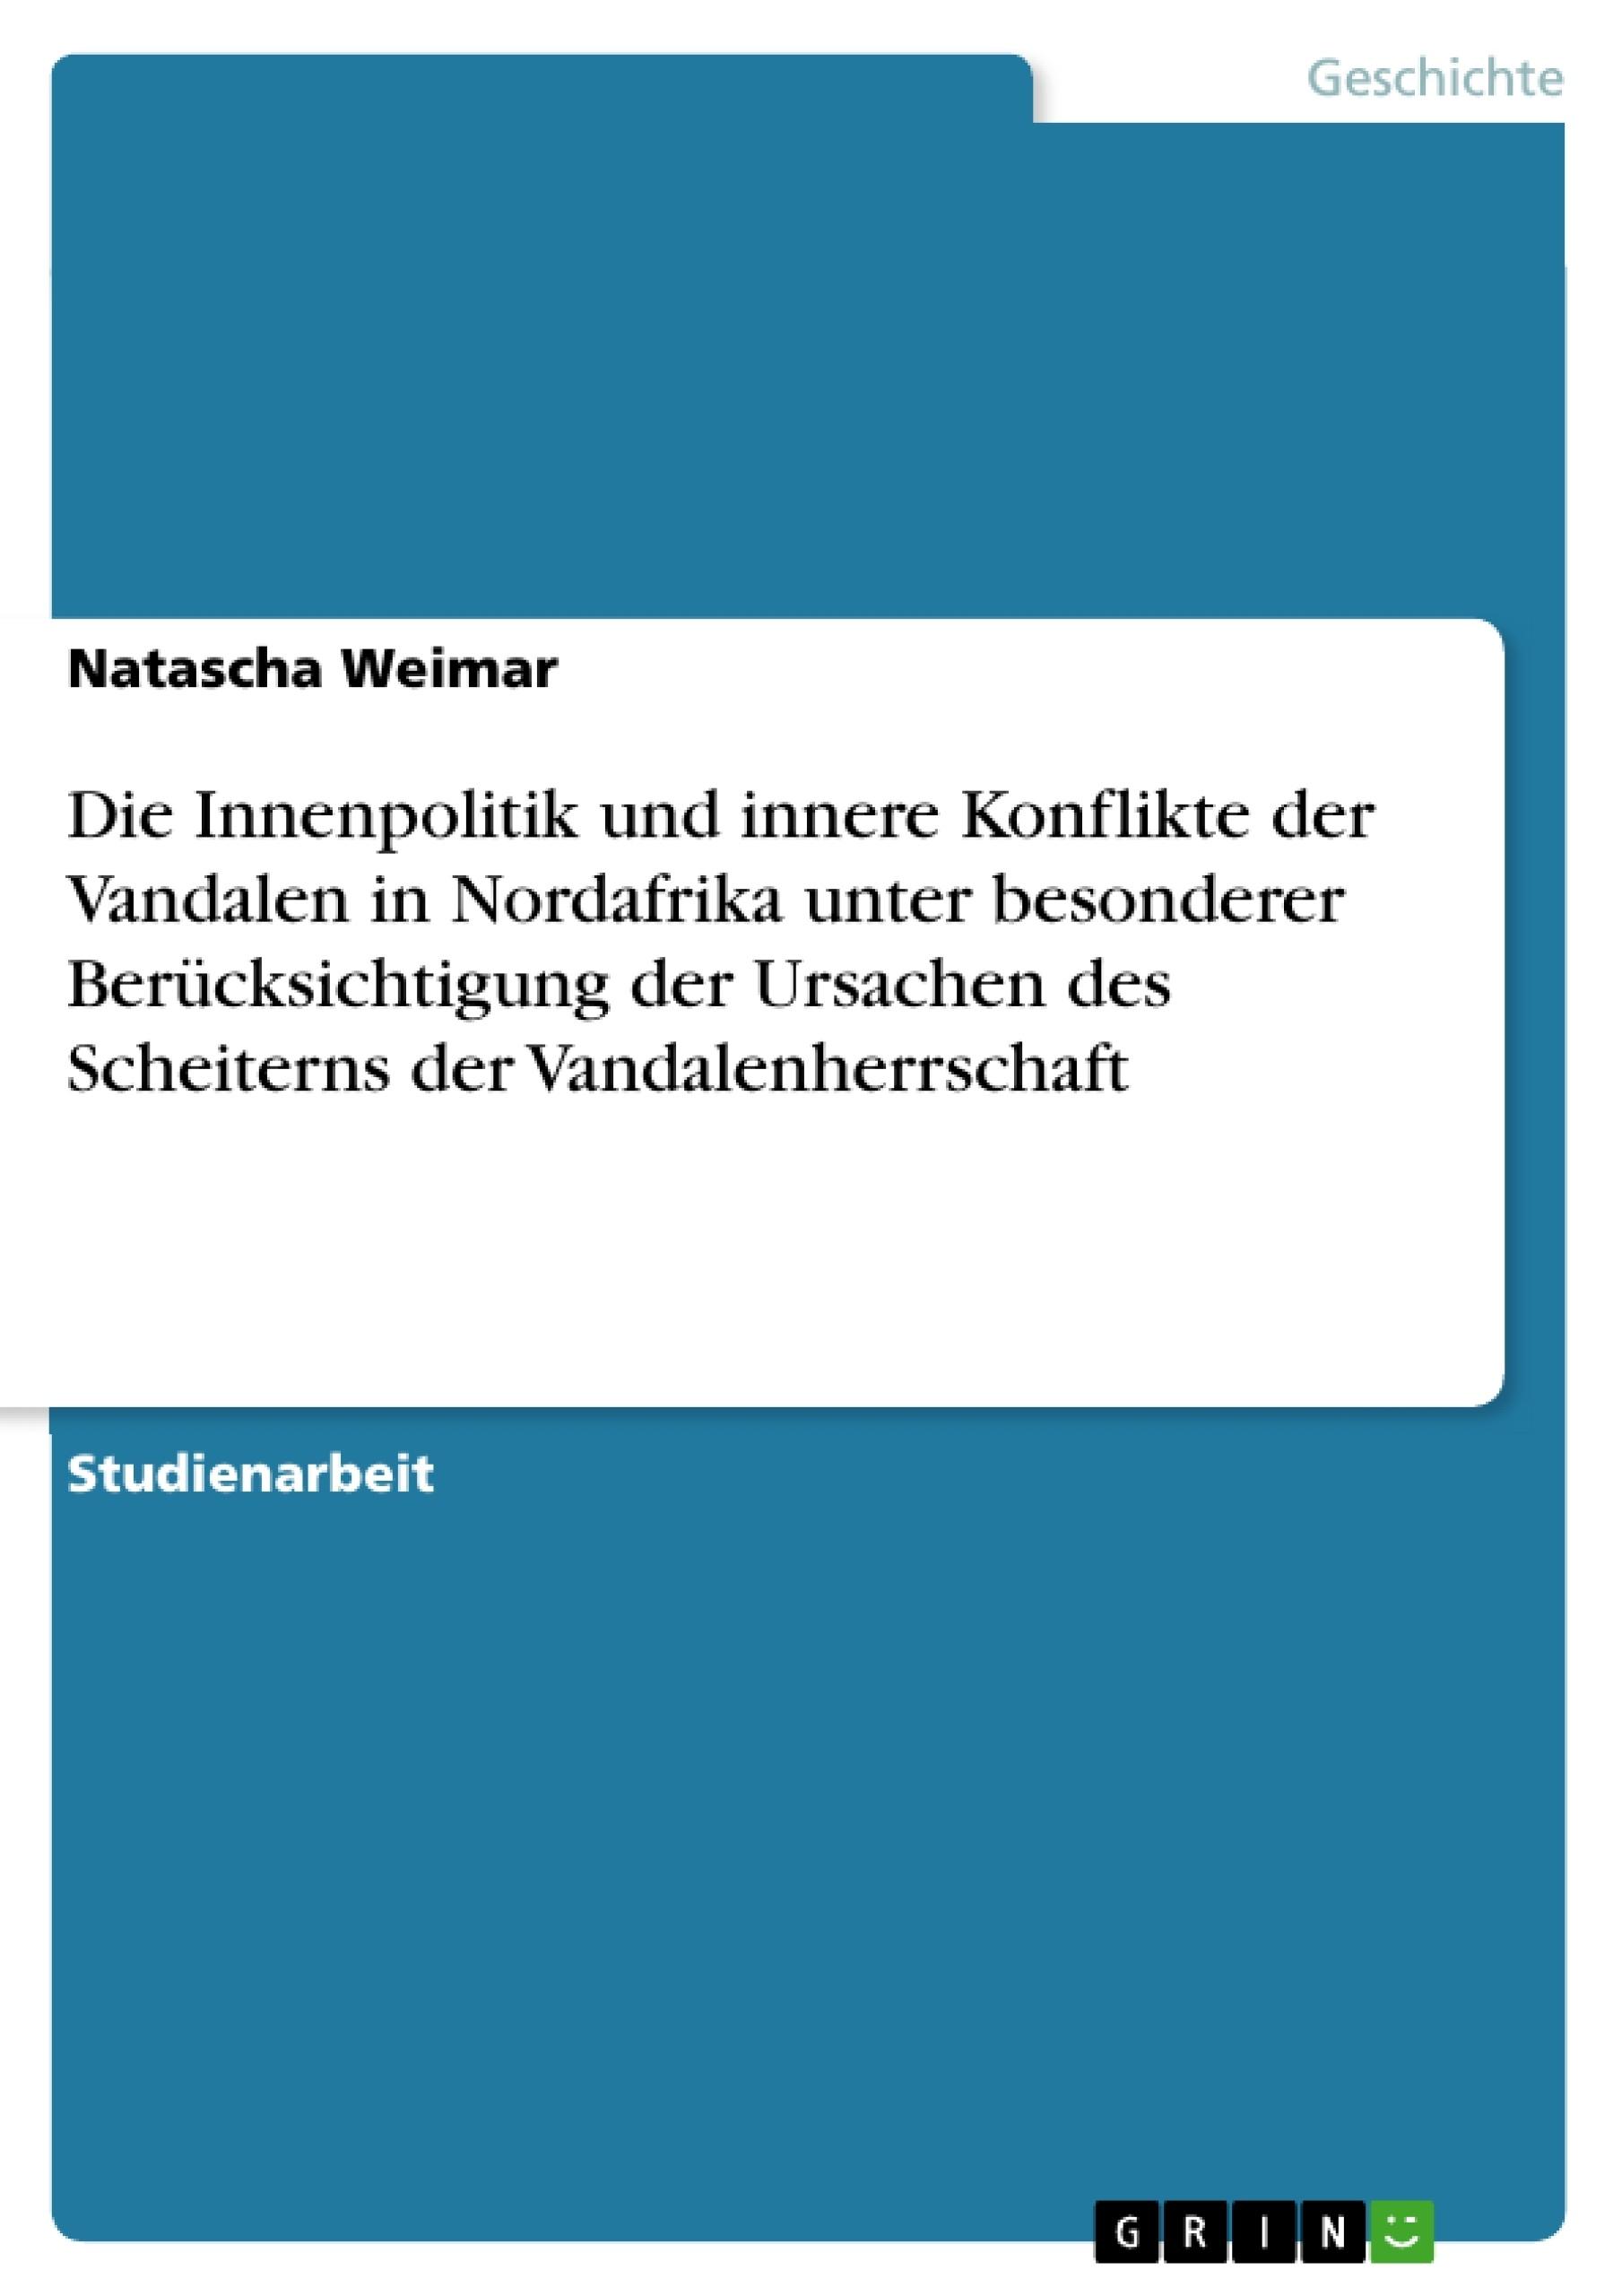 Titel: Die Innenpolitik und innere Konflikte der Vandalen in Nordafrika unter besonderer Berücksichtigung der Ursachen des Scheiterns der Vandalenherrschaft